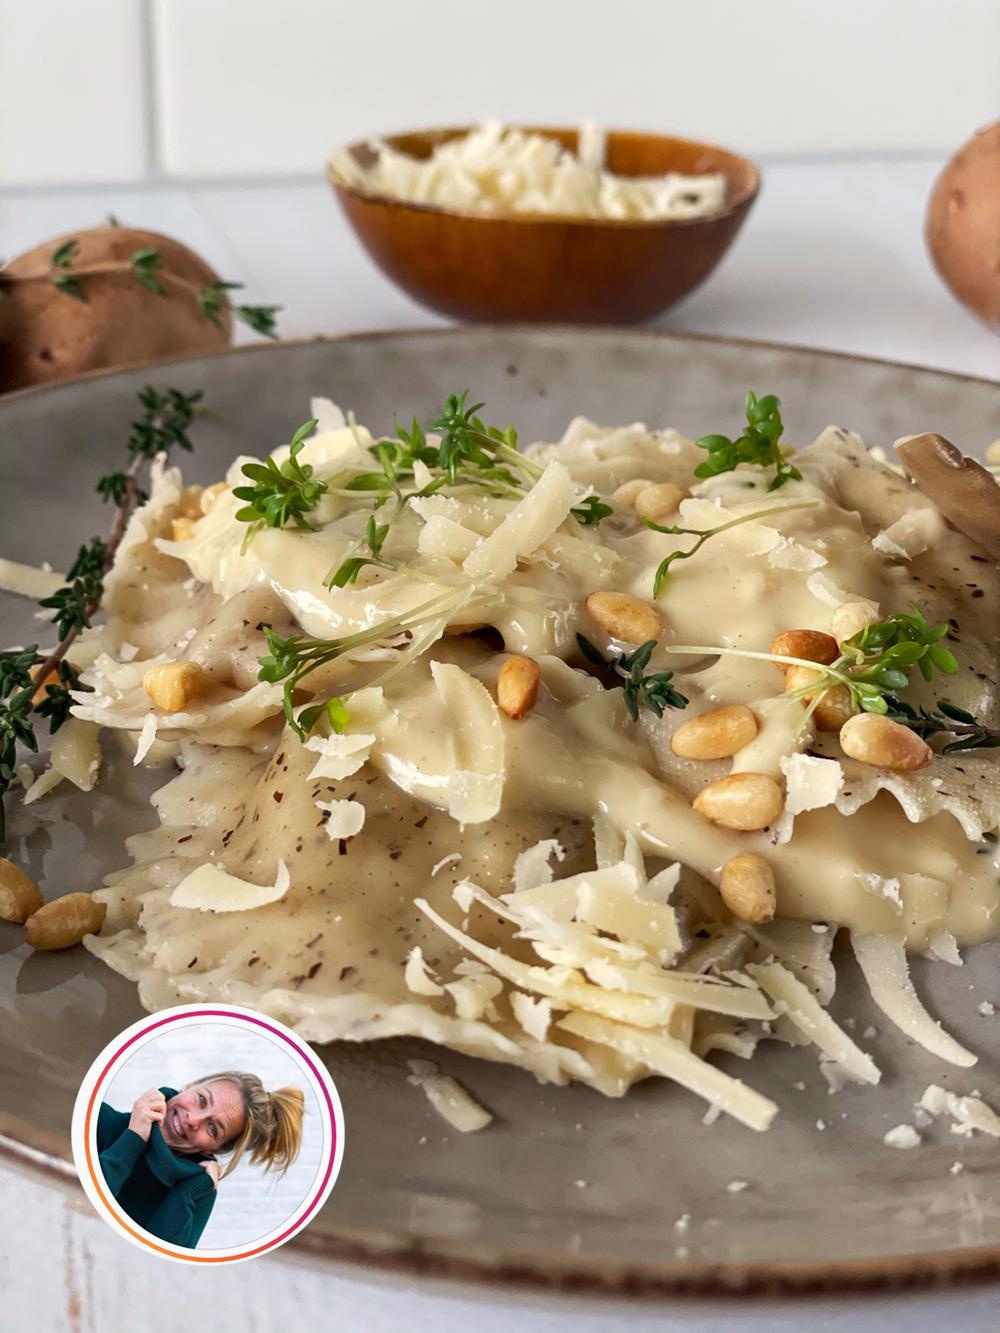 allerhande kerst recept ravioli veganized door Bonusvegan